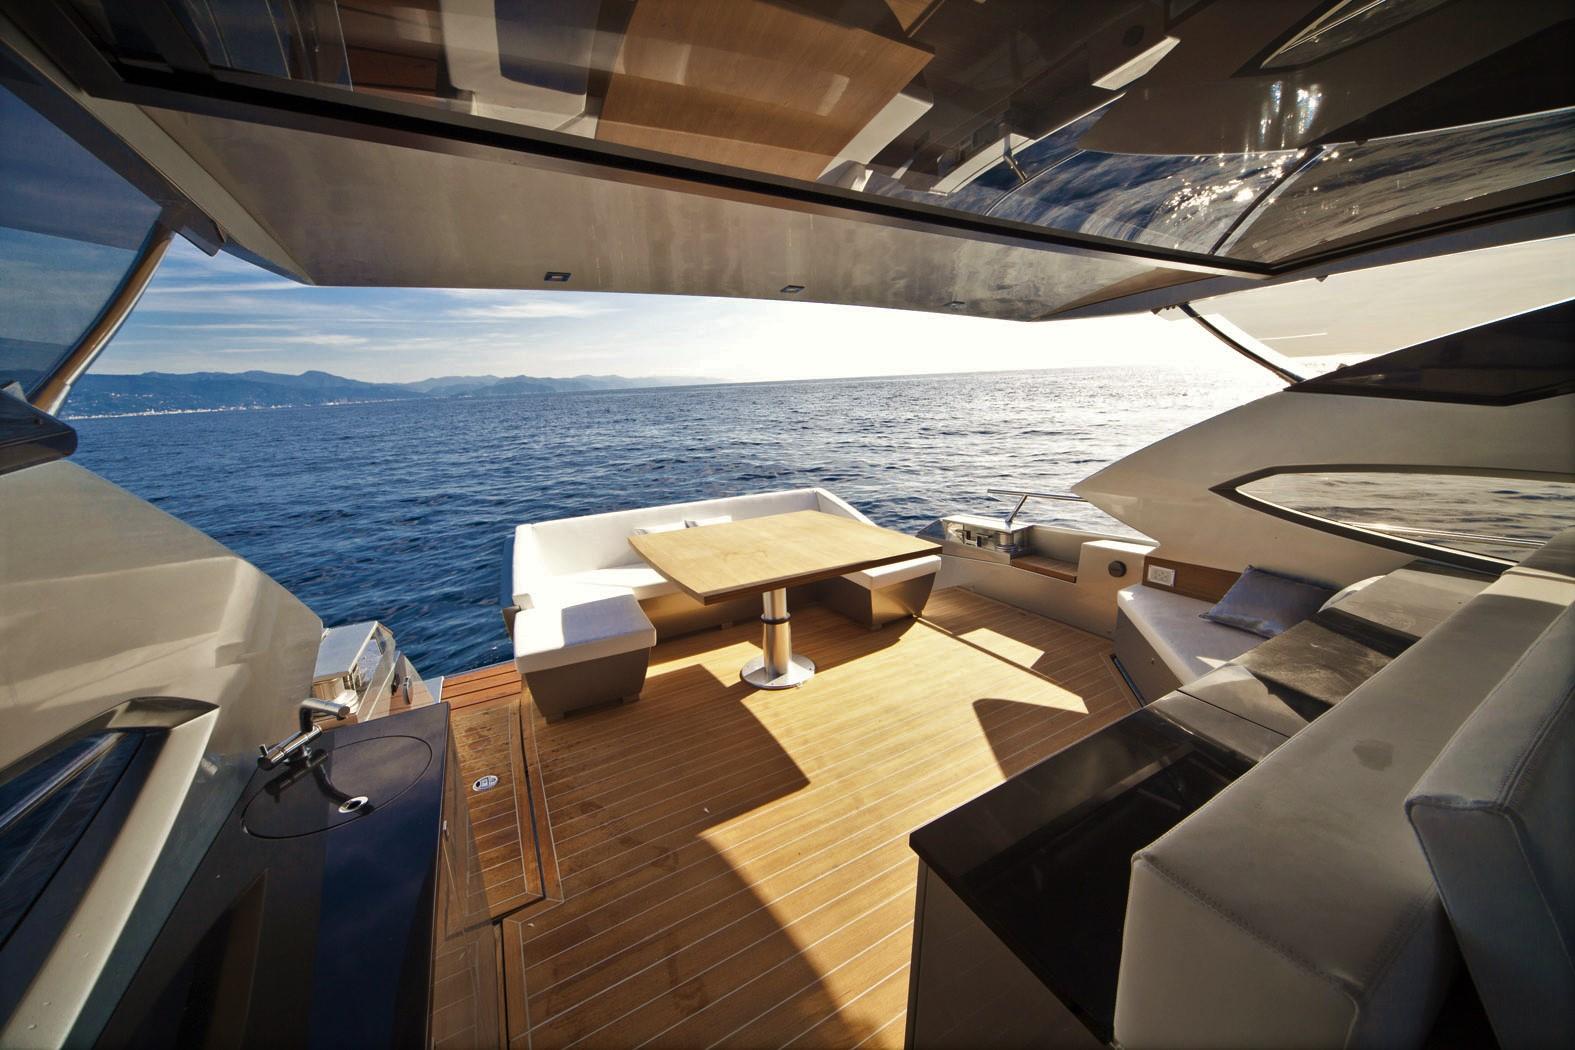 Matrimonio In Yacht : Matrimonio in spiaggia o barca oggi si può sea sports